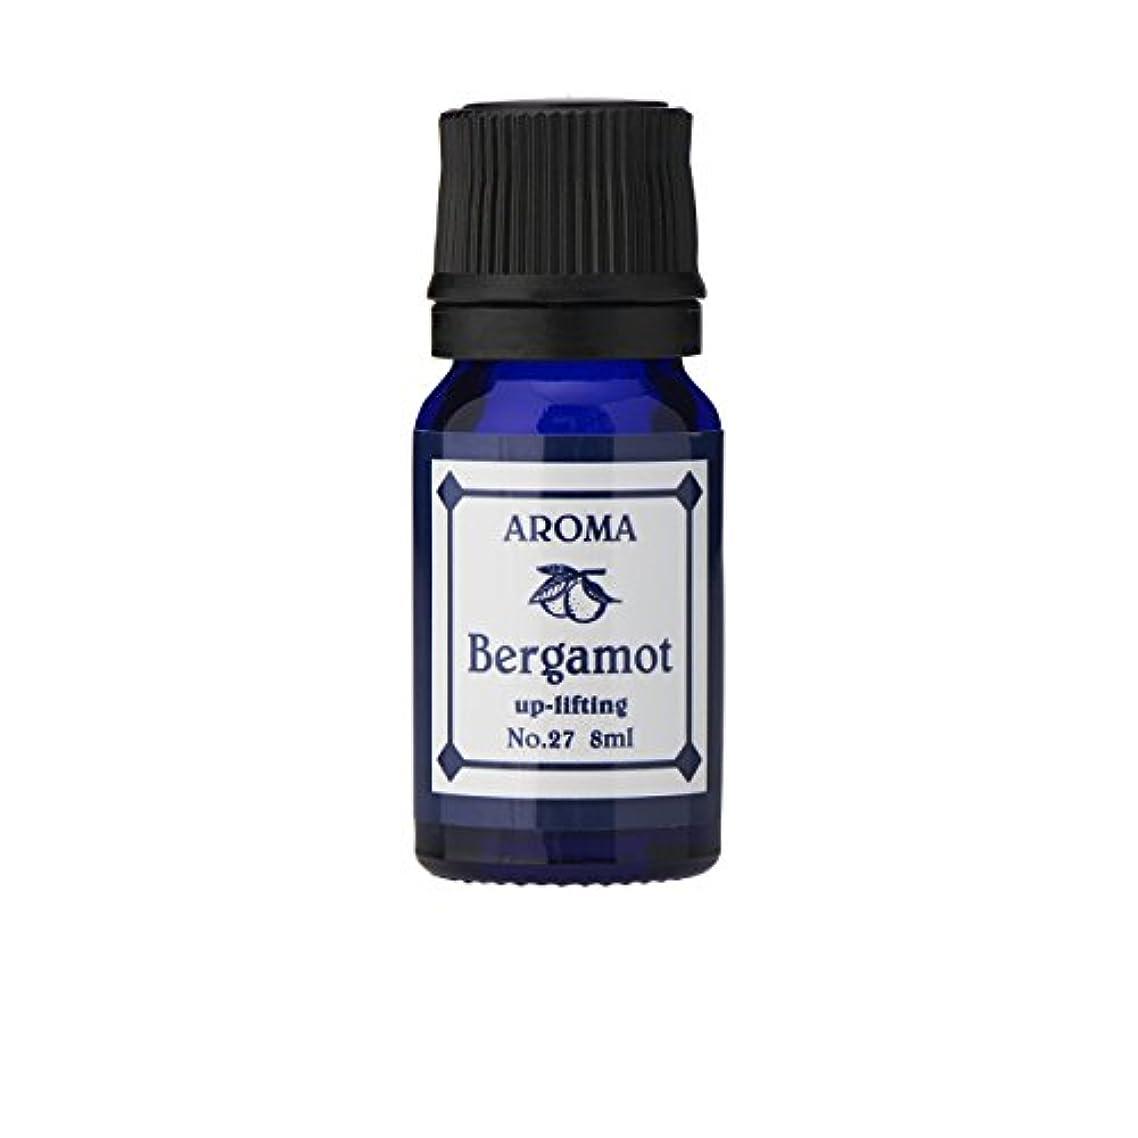 比率塩辛い毒液ブルーラベル アロマエッセンス8ml ベルガモット(アロマオイル 調合香料 芳香用)